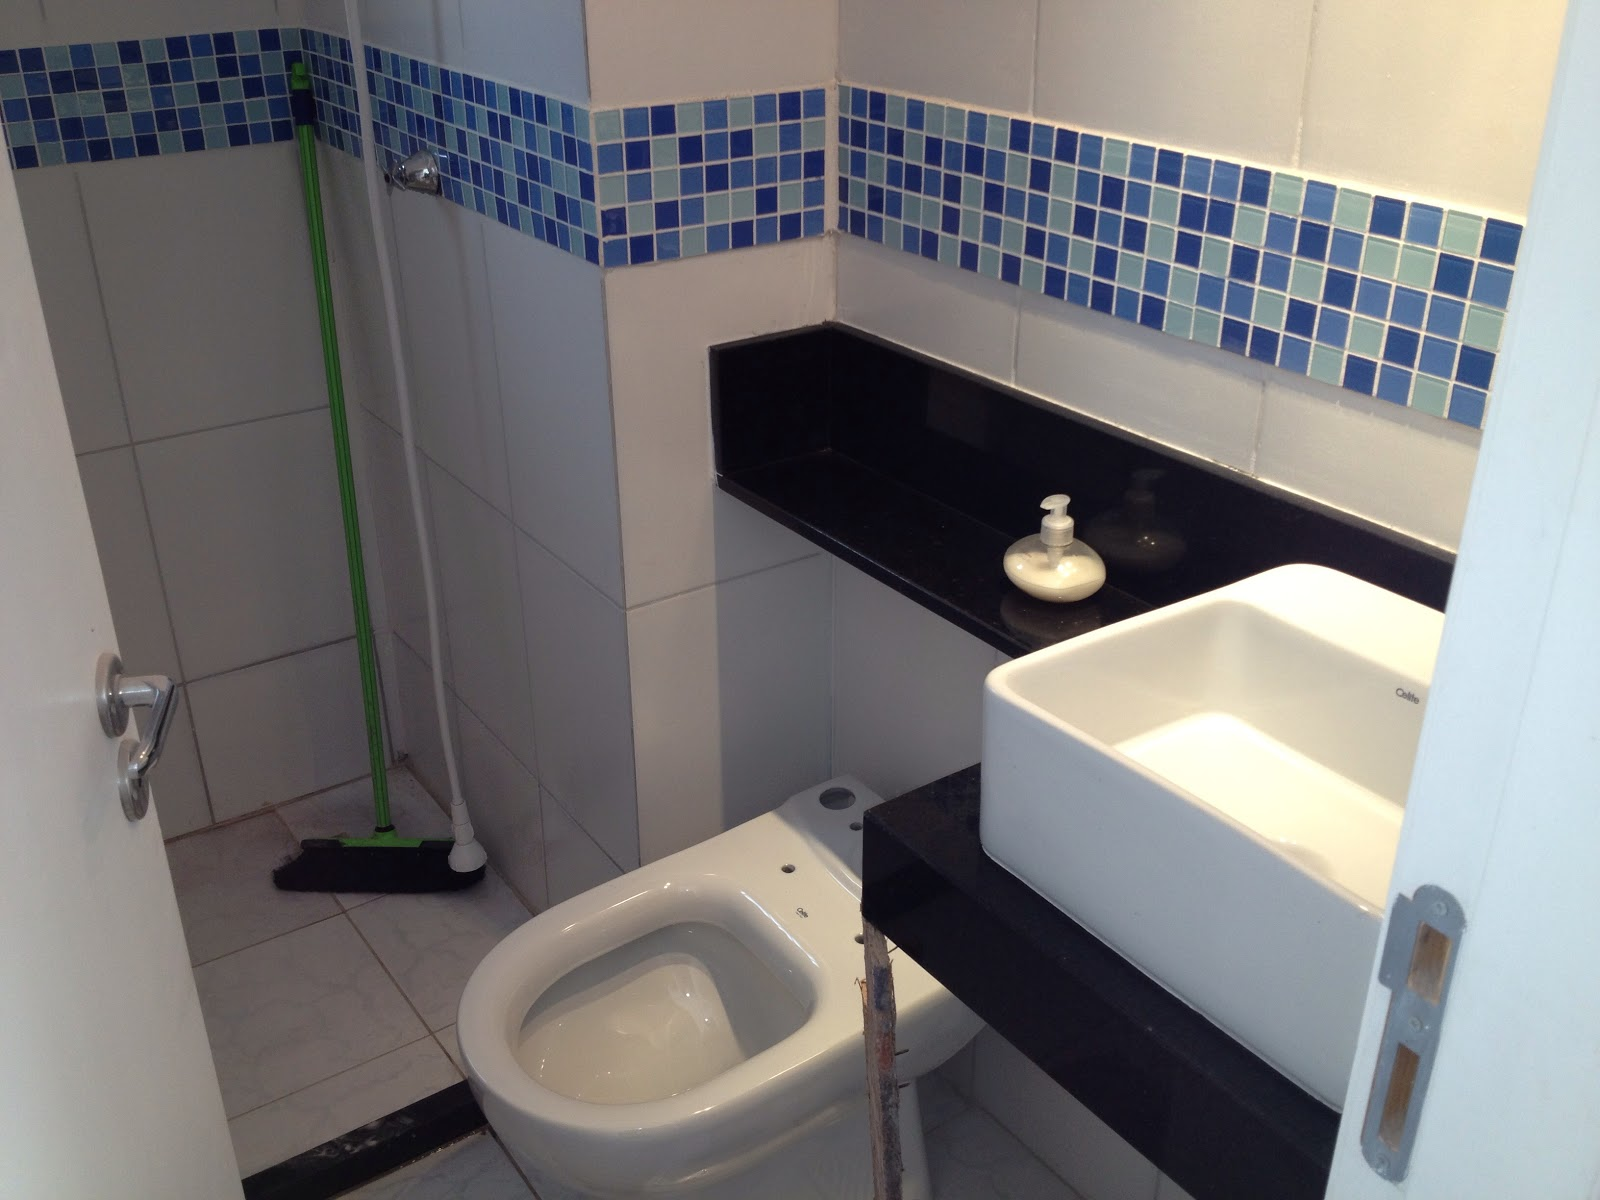 Granito No Banheiro  cgafghanscom banheiros pequenos e modernos -> Bancada Para Banheiro Pequeno Em Granito